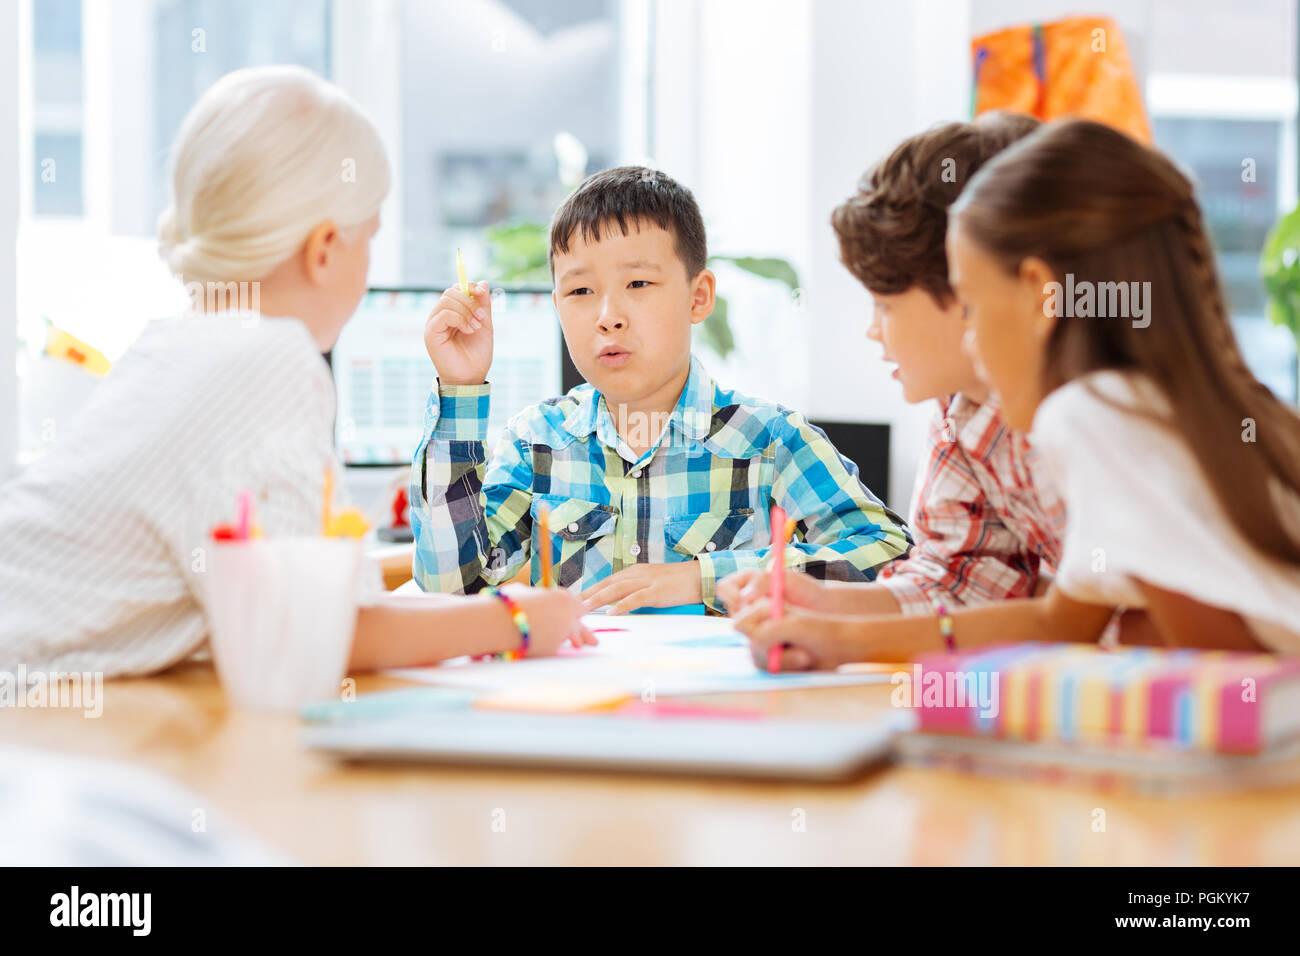 Smart schoolboy per raccontare una storia ai suoi compagni di classe Immagini Stock